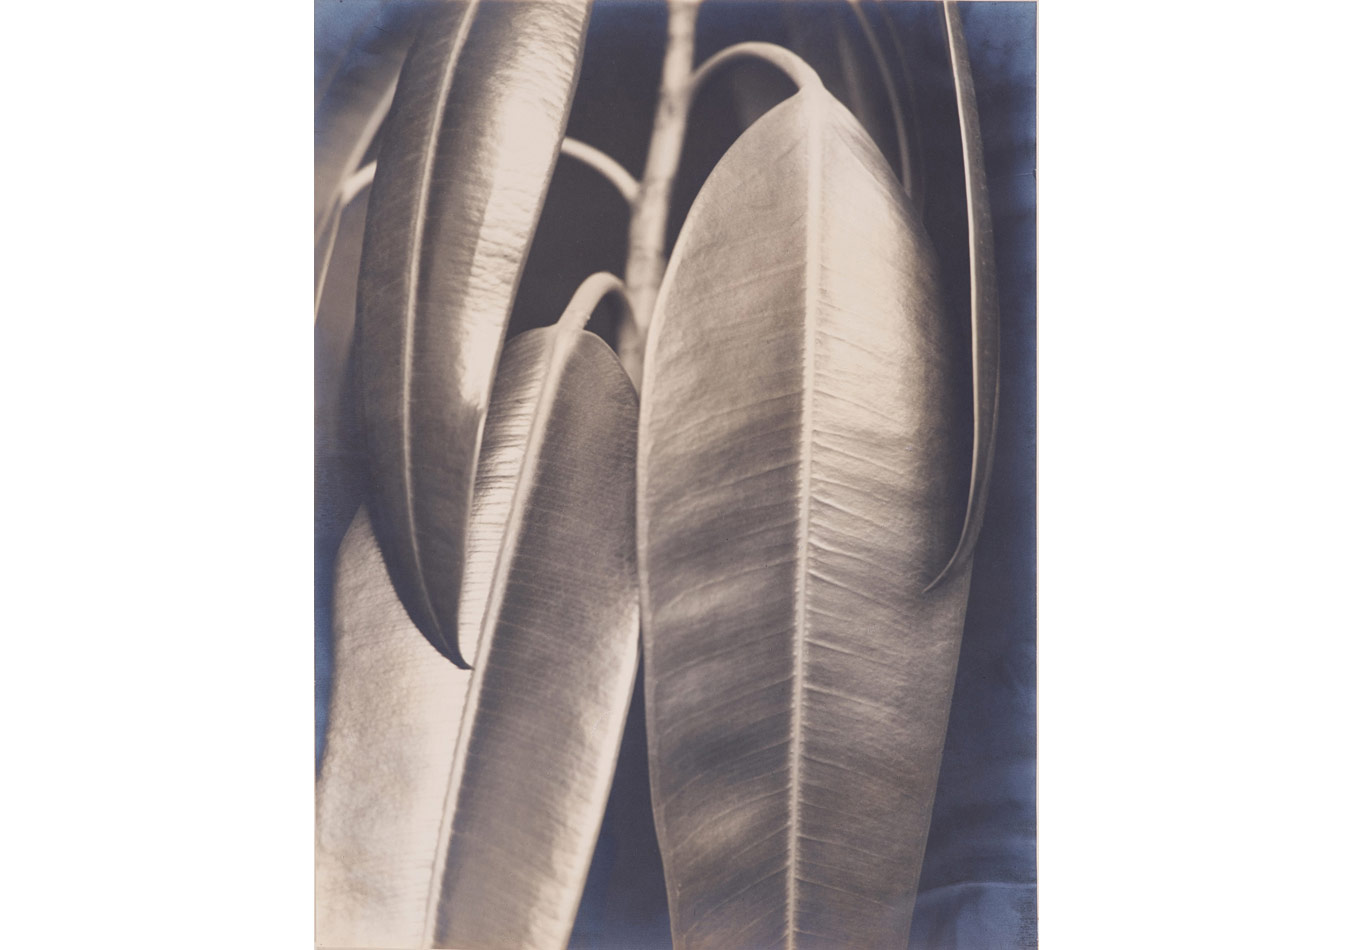 Aenne Biermann (1898-1933), Kauçuk, yaklaşık 1927 © Museum Folkwang Essen